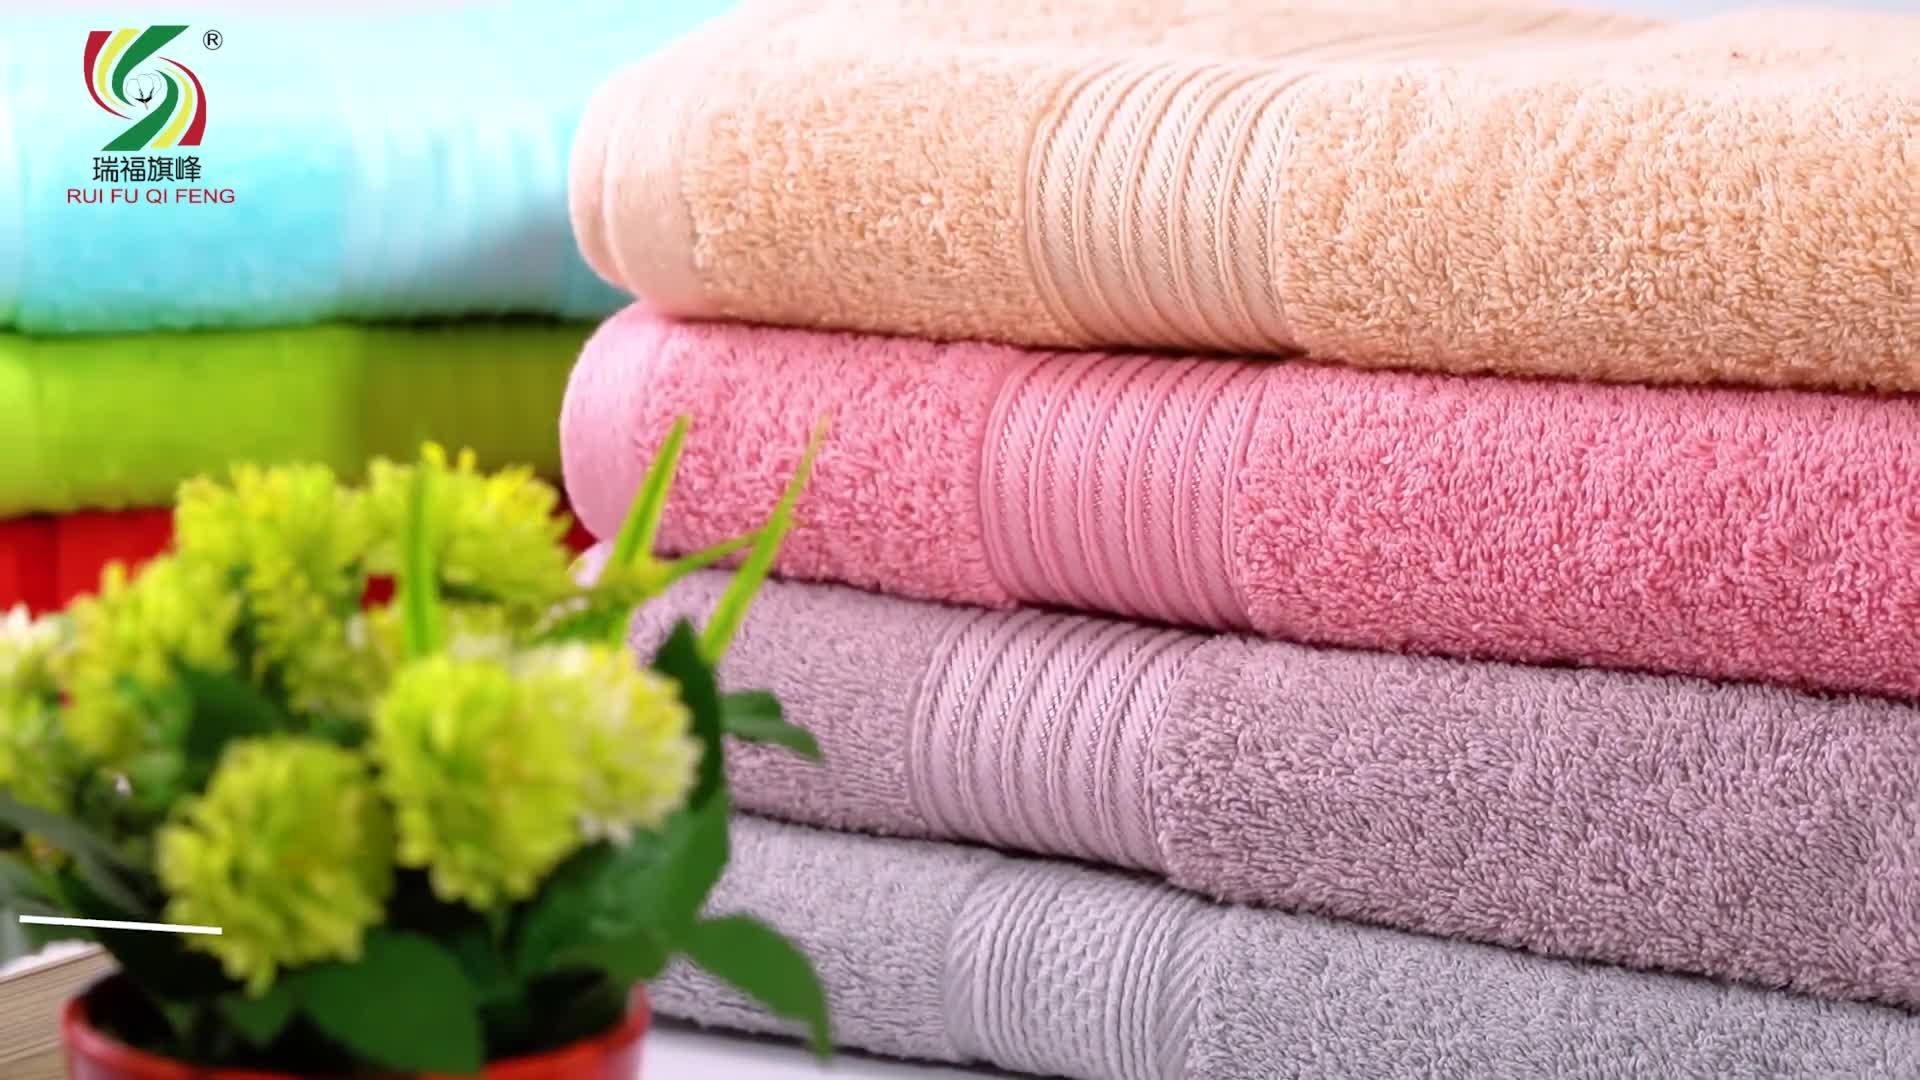 ประเทศจีนผู้ผลิตขายส่งราคาถูกของขวัญที่กำหนดเองผ้าฝ้ายเทอร์รี่โฆษณาผ้าเช็ดตัว